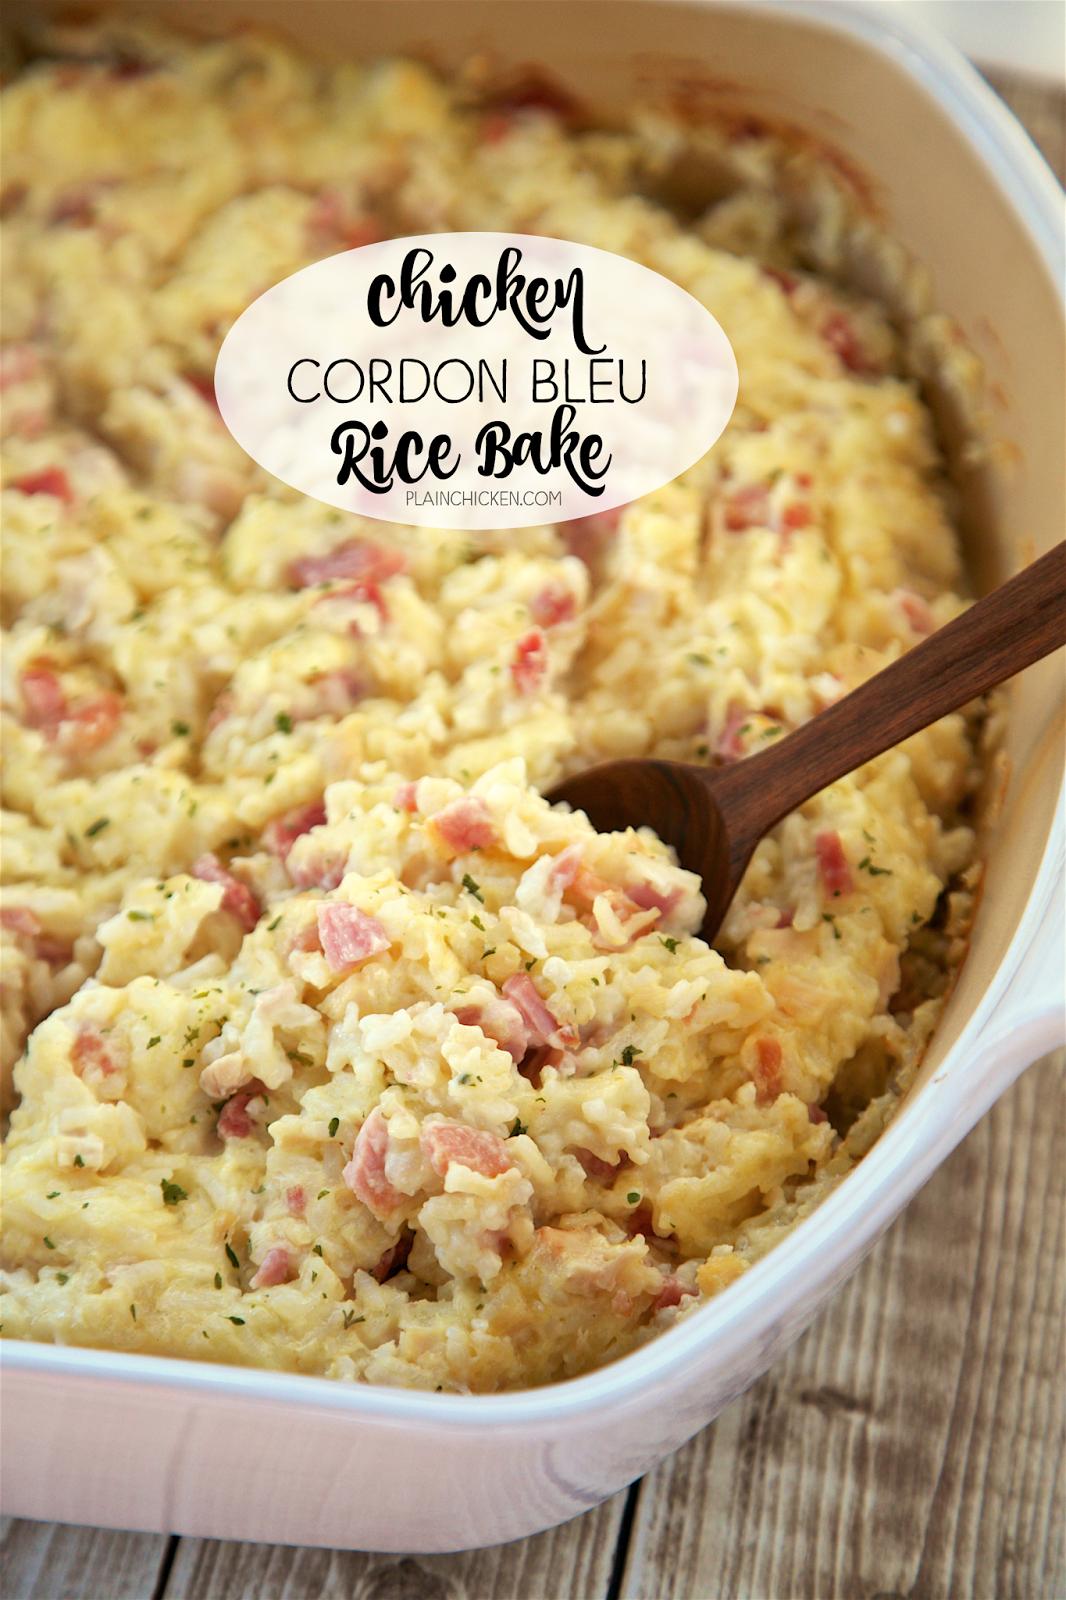 Chicken Cordon Bleu Rice Bake Recipes Chicken Cordon Bleu Food